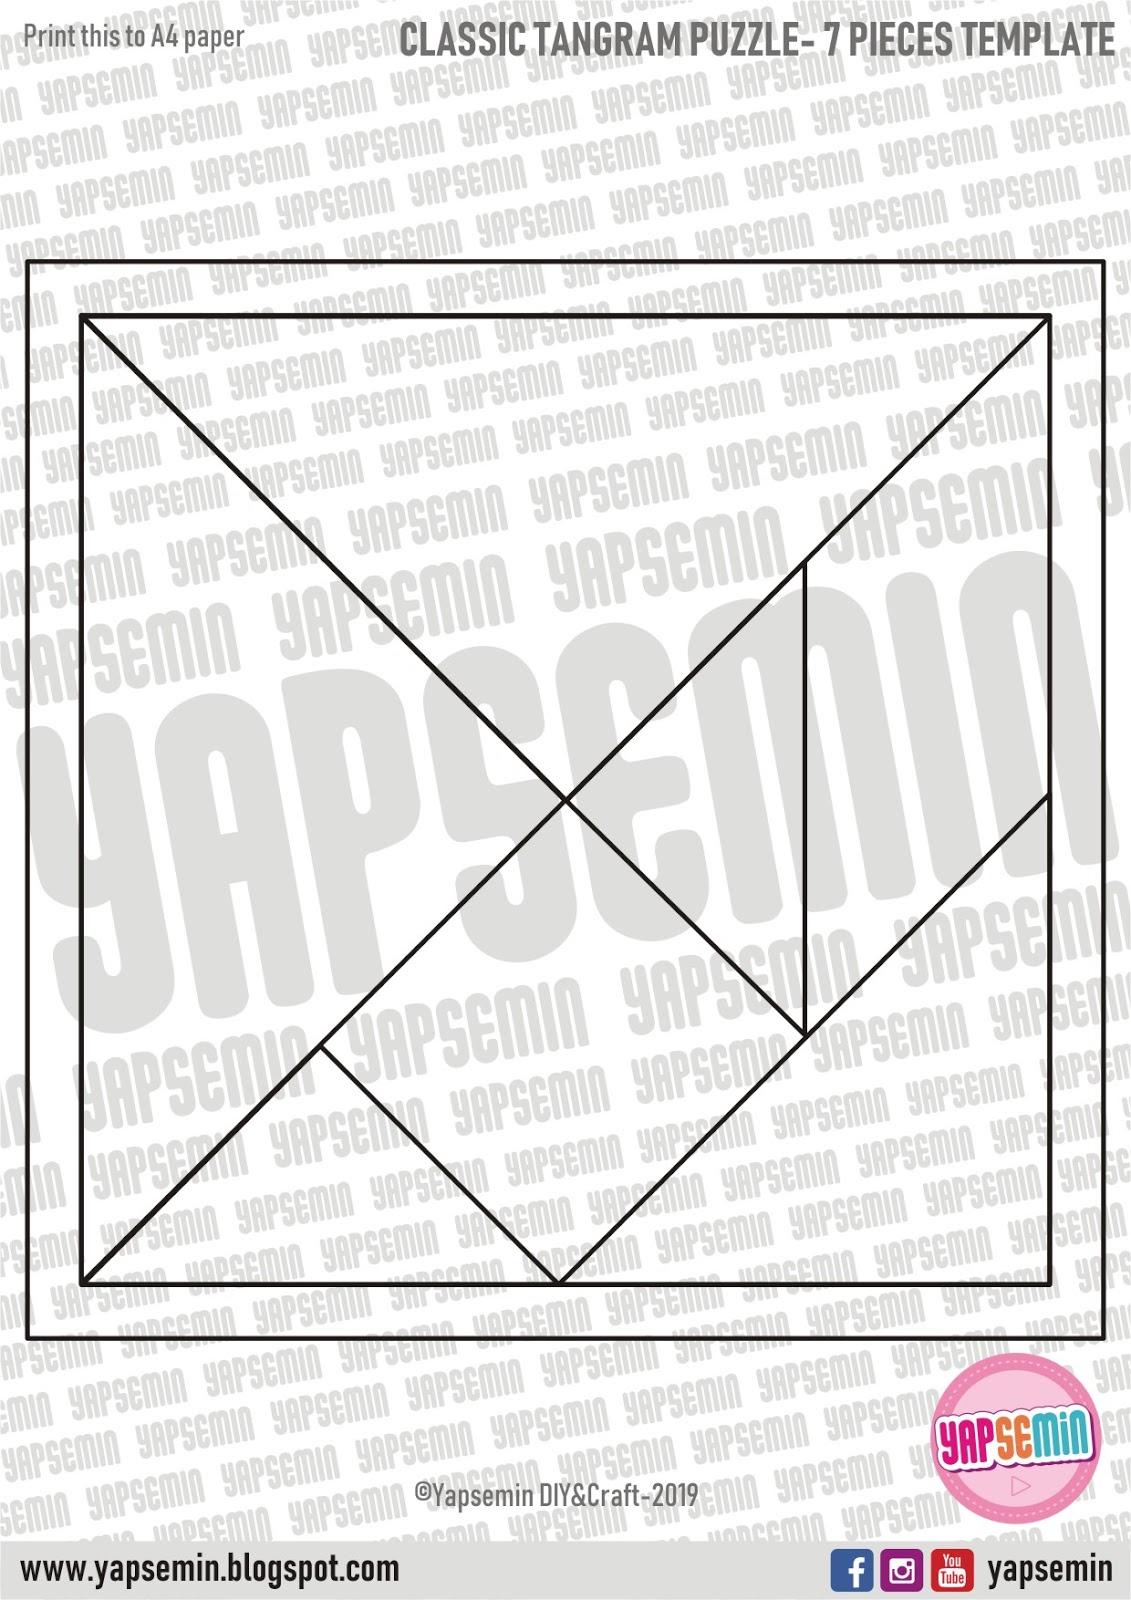 Yapsemin | Diy | Craft - Templates: Klasik Tangram Puzzle intérieur Pièces Tangram